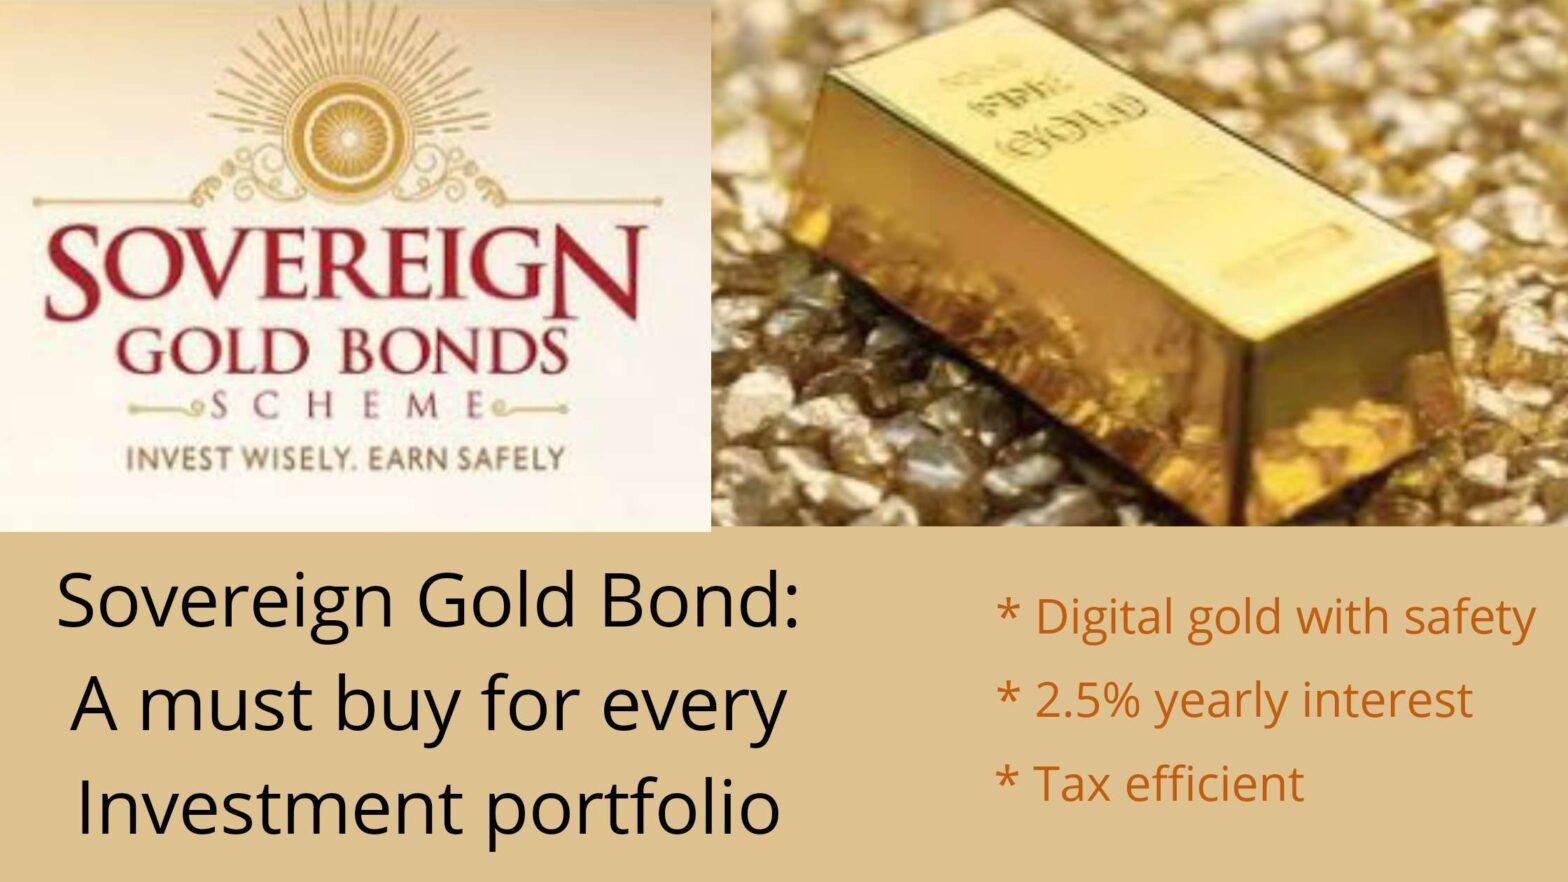 sovereign gold bond 2021